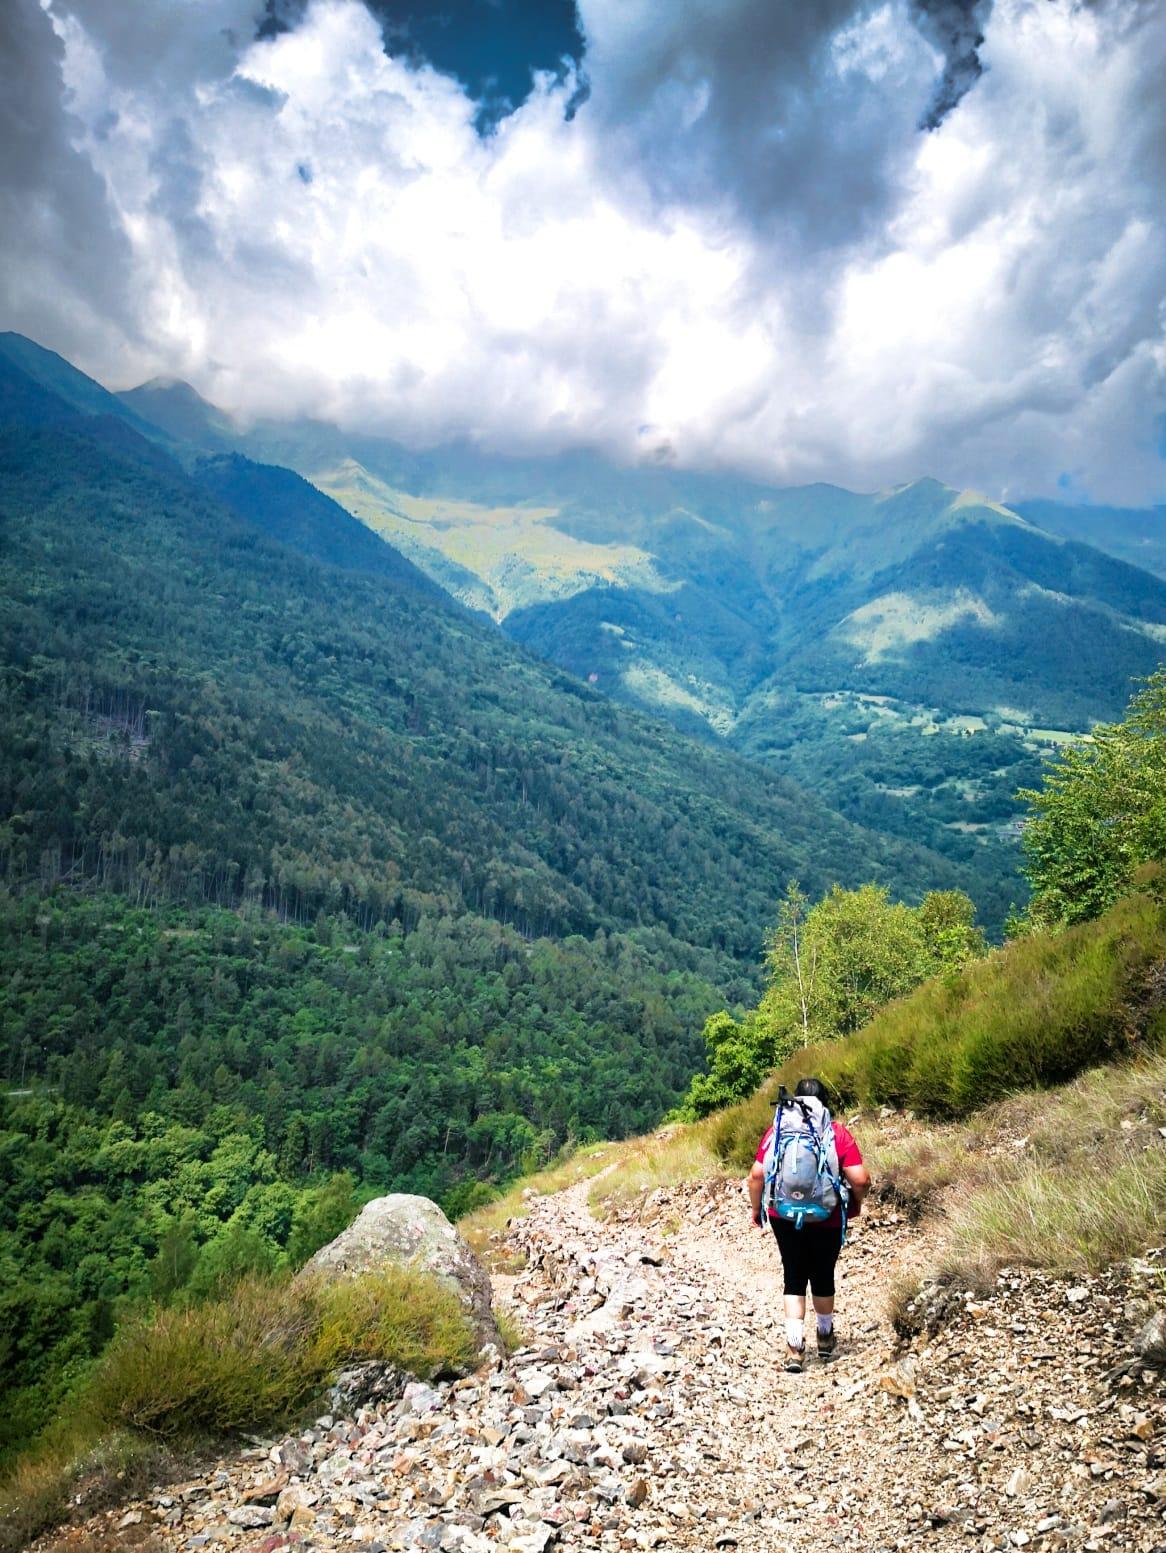 viaggiare-zaino-in-spalla-cammino-di-carlo-magno-tra-le-montagne